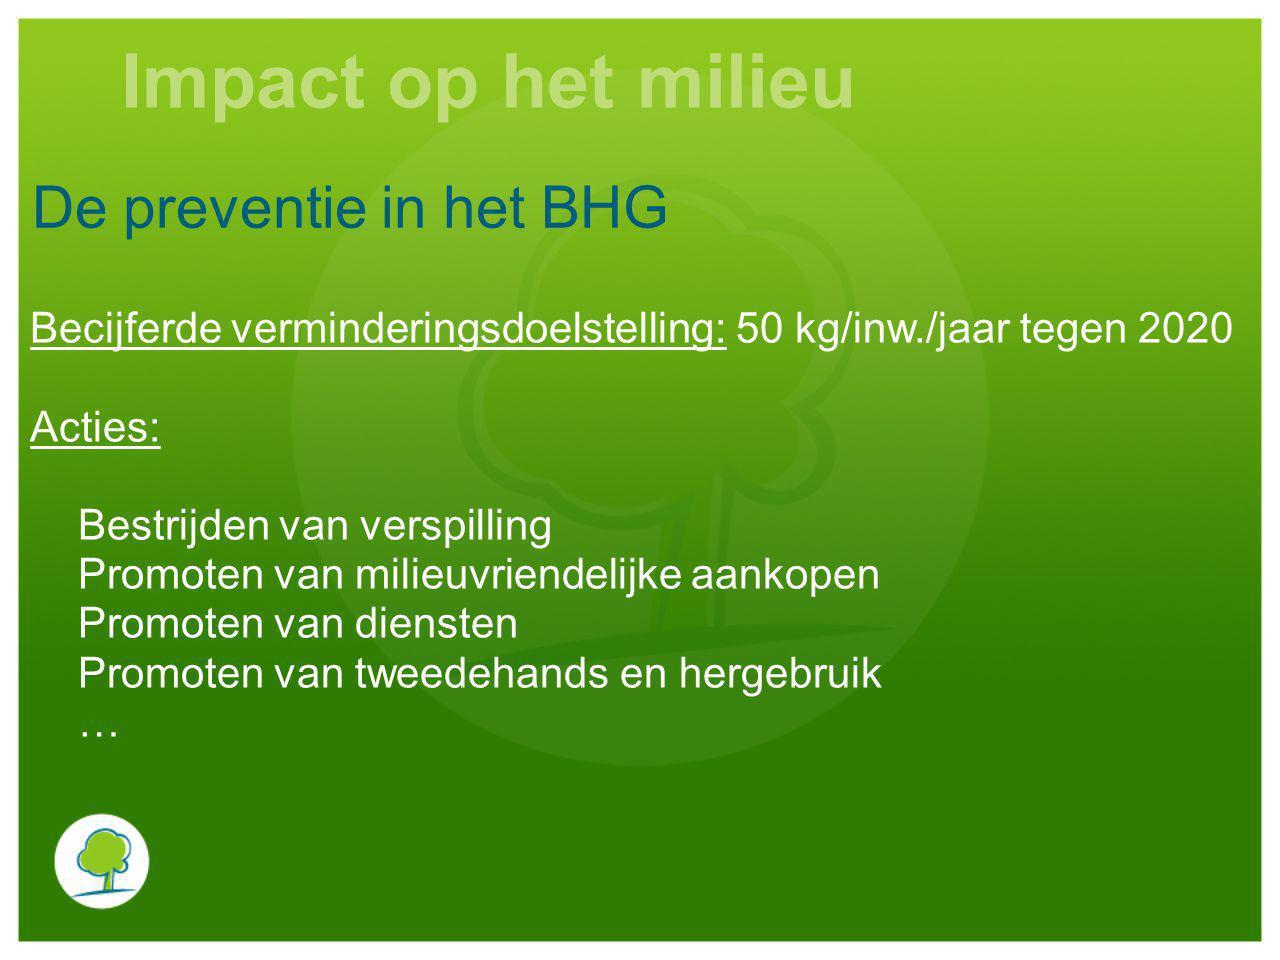 De preventie in het BHG Becijferde verminderingsdoelstelling: 50 kg/inw./jaar tegen 2020 Acties: Bestrijden van verspilling Promoten van milieuvriendelijke aankopen Promoten van diensten Promoten van tweedehands en hergebruik … Impact op het milieu